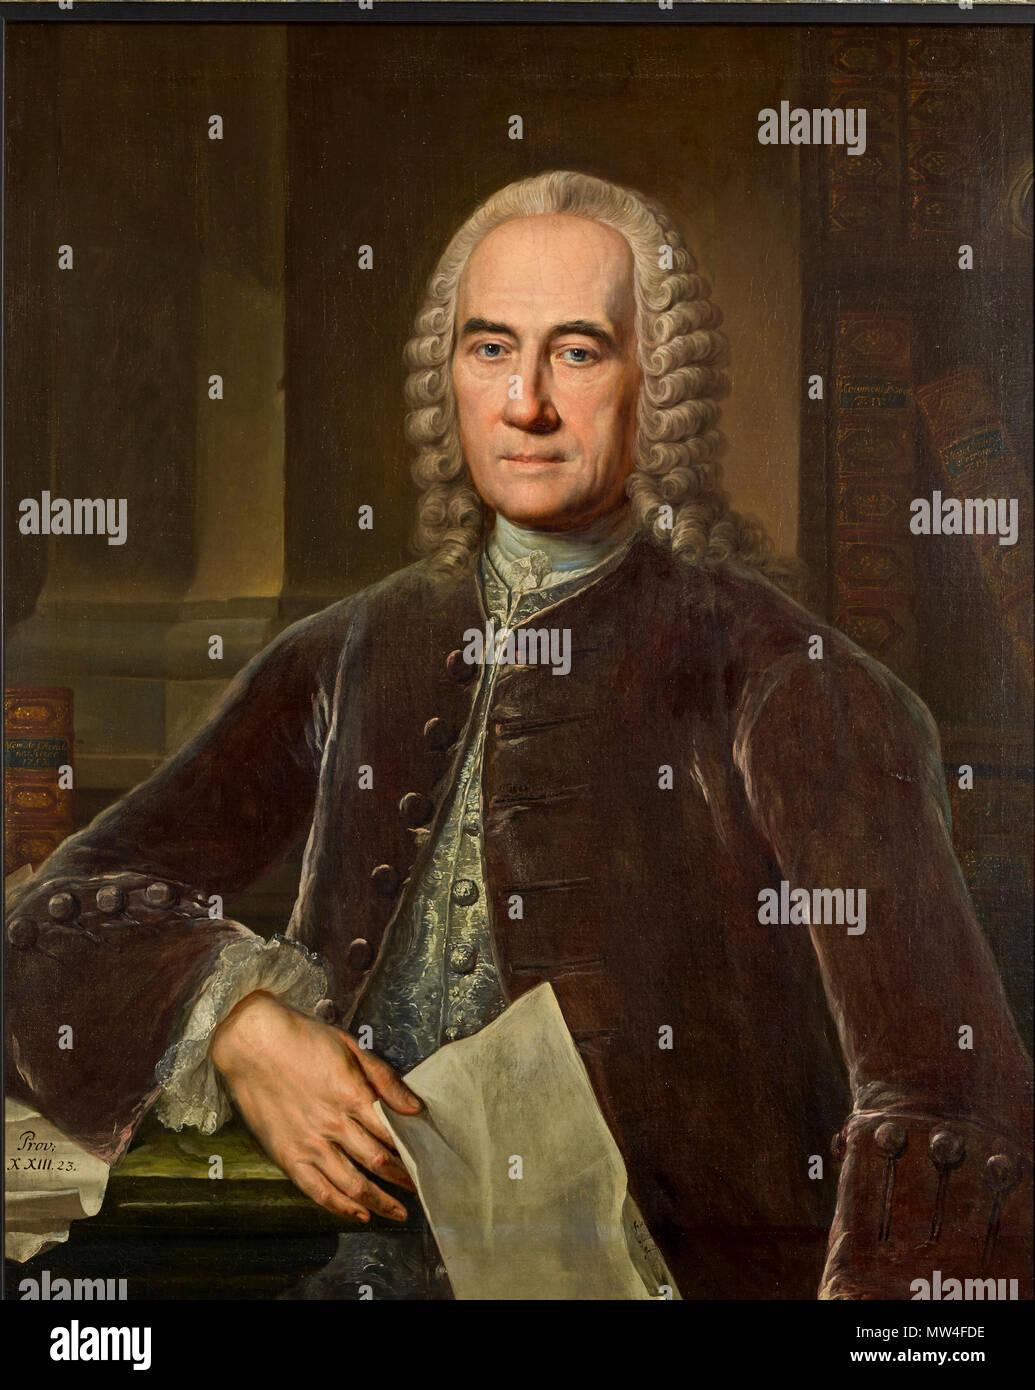 304 Jacob Theodor Klein Gemälde von J. Wessel - Stock Image